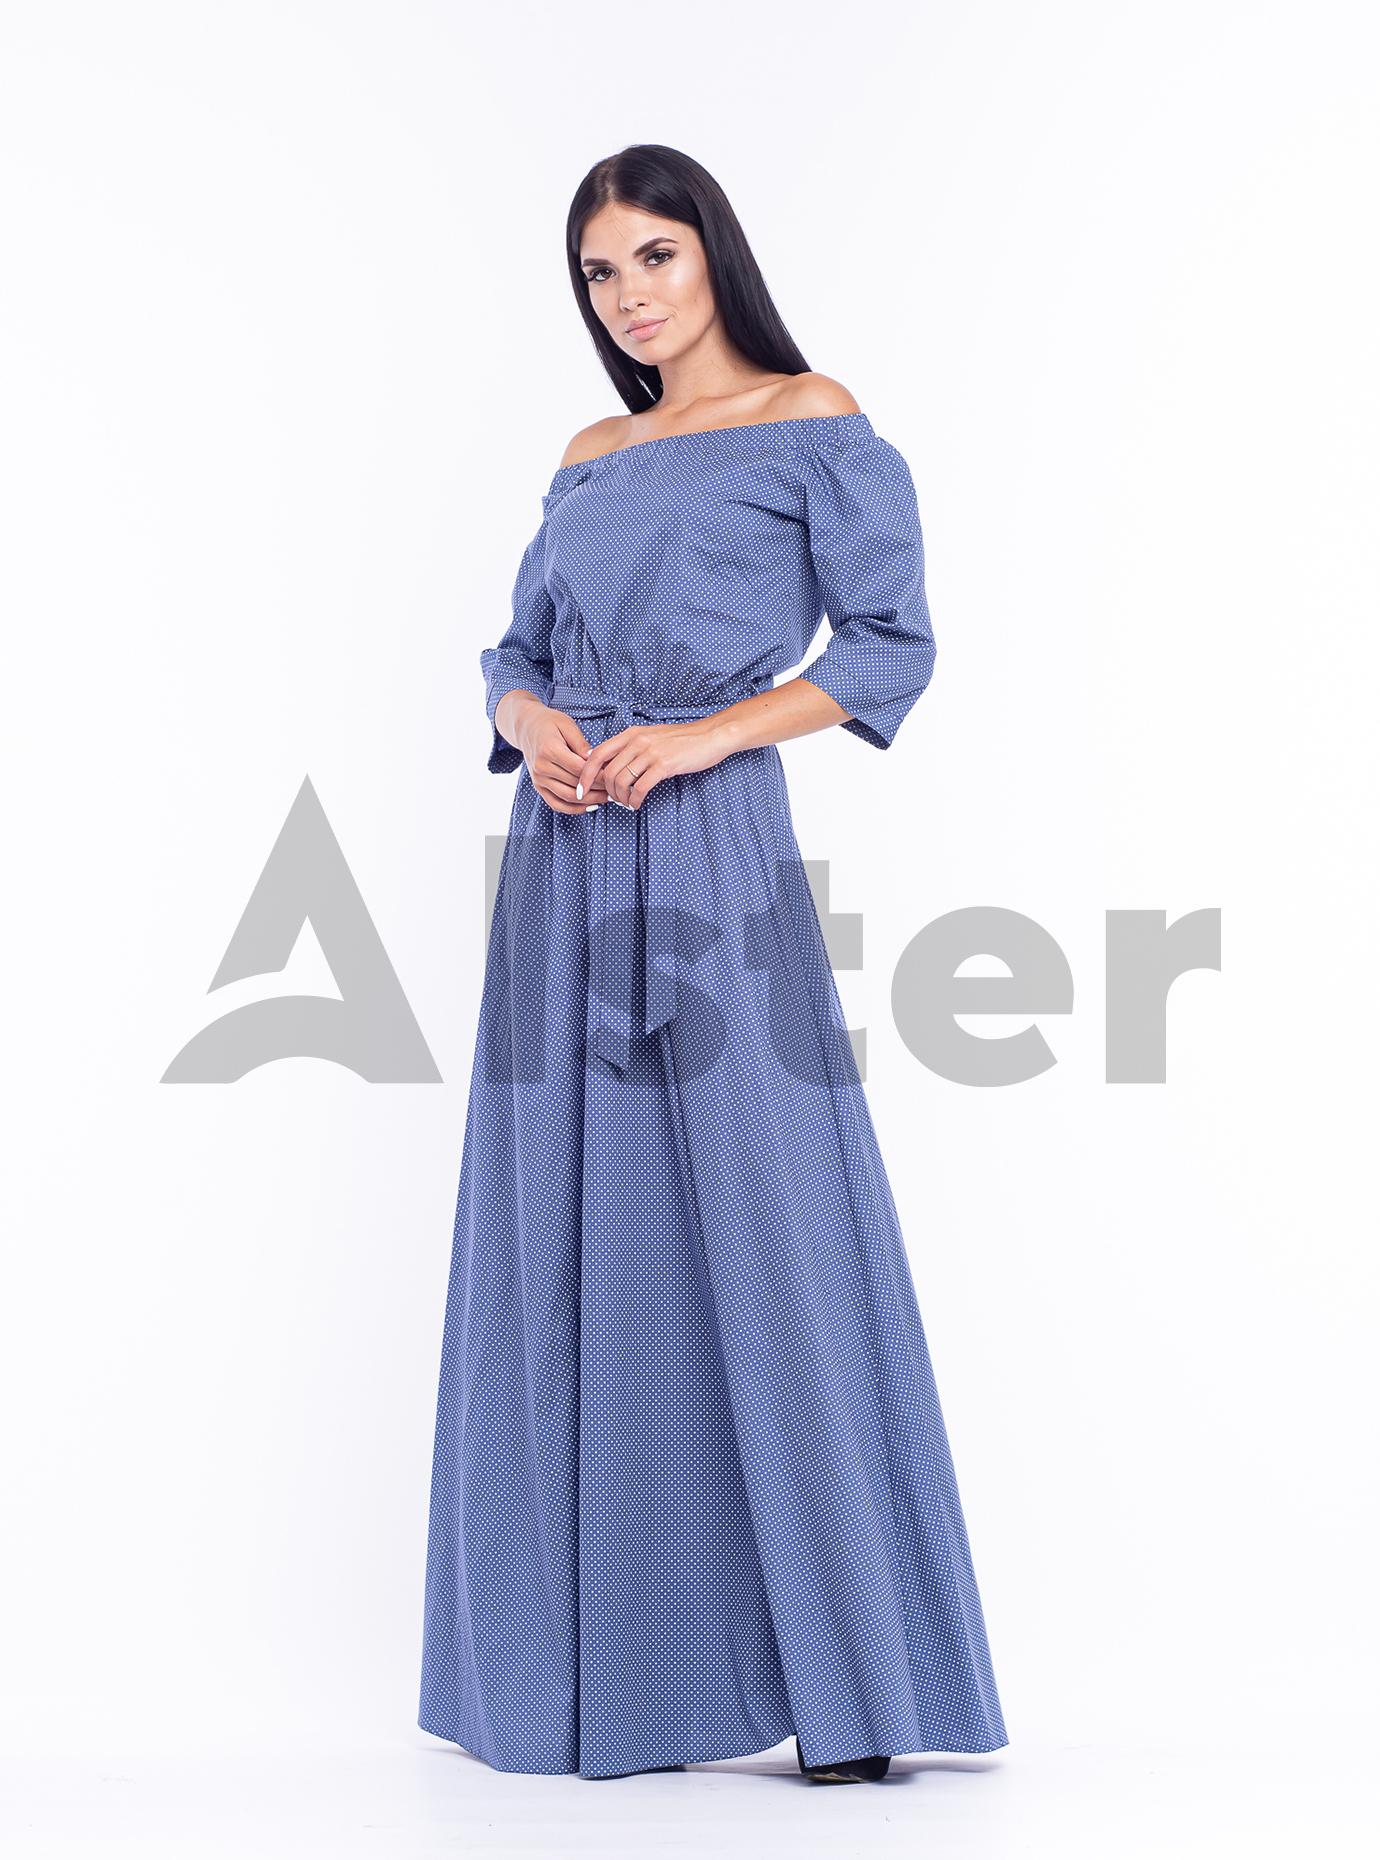 Платье длинное Матрена Джинс 44 (04-8987992): фото - Alster.ua